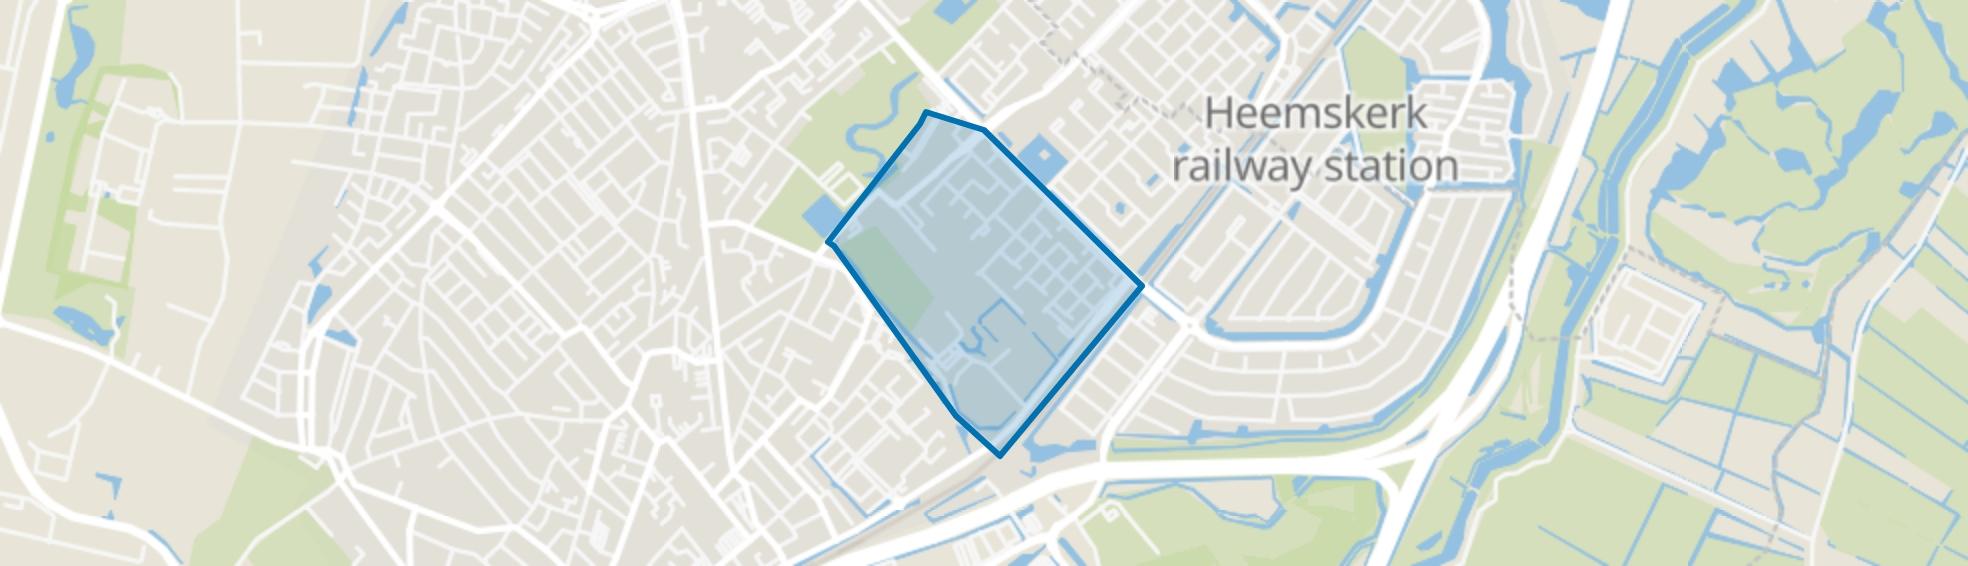 Zwaansmeer, Beverwijk map